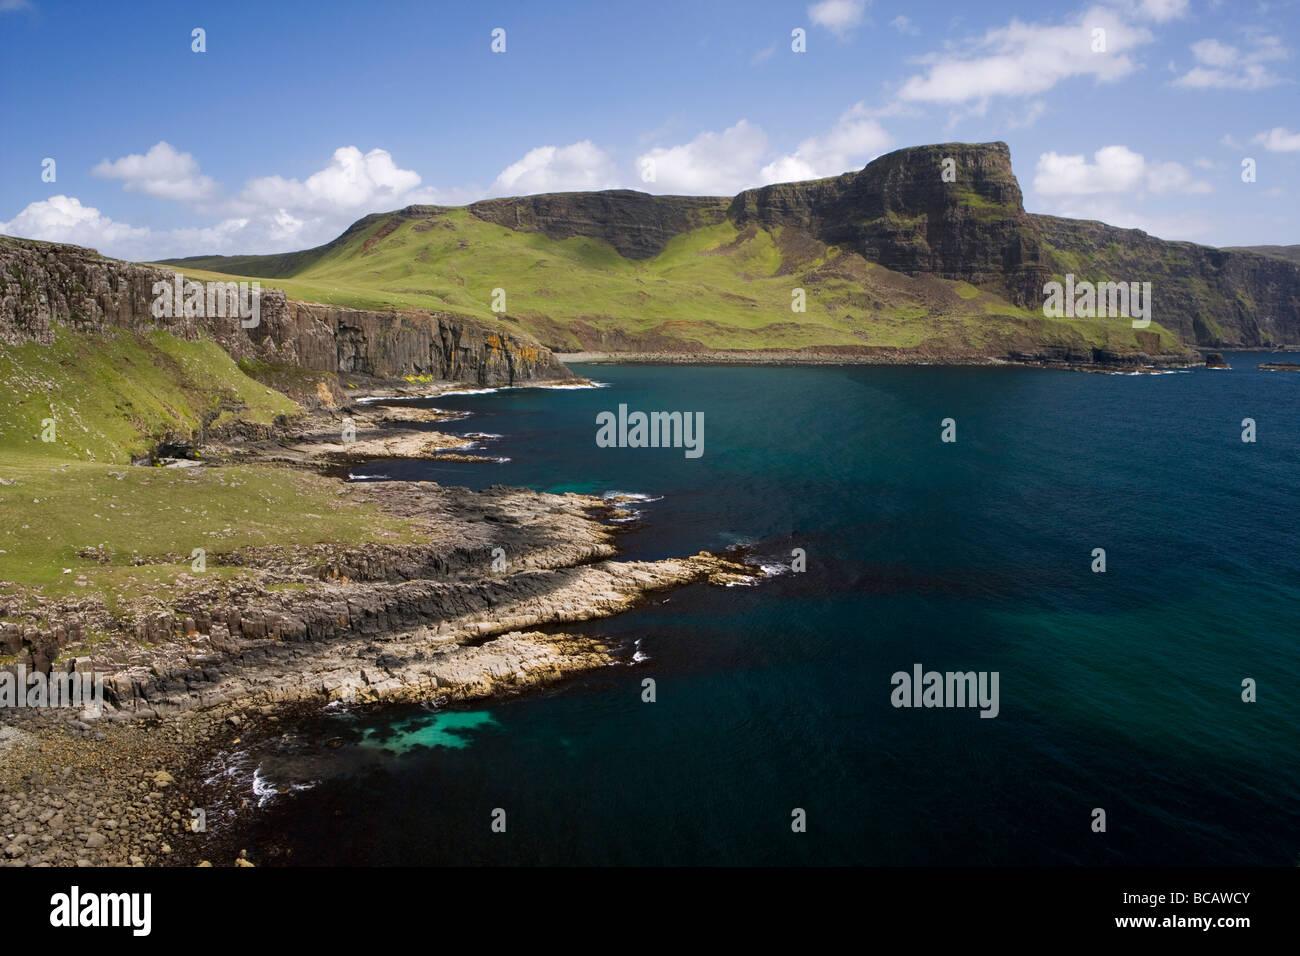 Moonen bay y Waterstein Head visto desde Neist Point en la Isla de Skye, Escocia. Foto de stock